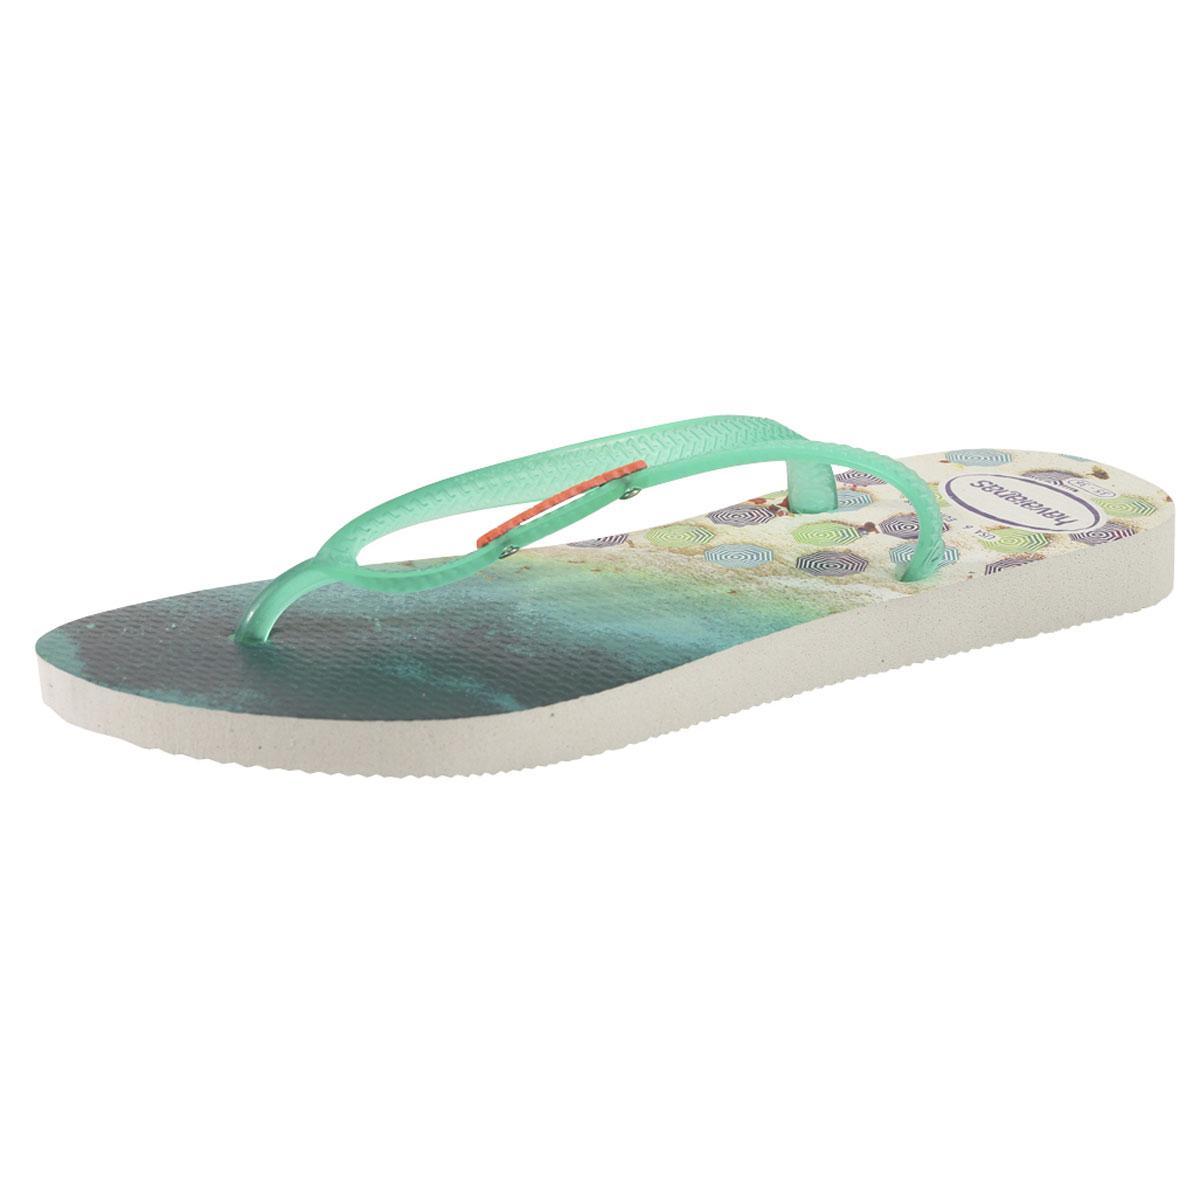 Image of Havainas Women's Slim Paisage Flip Flops Sandals Shoes - White/Mint Green - 9 10 B(M) US